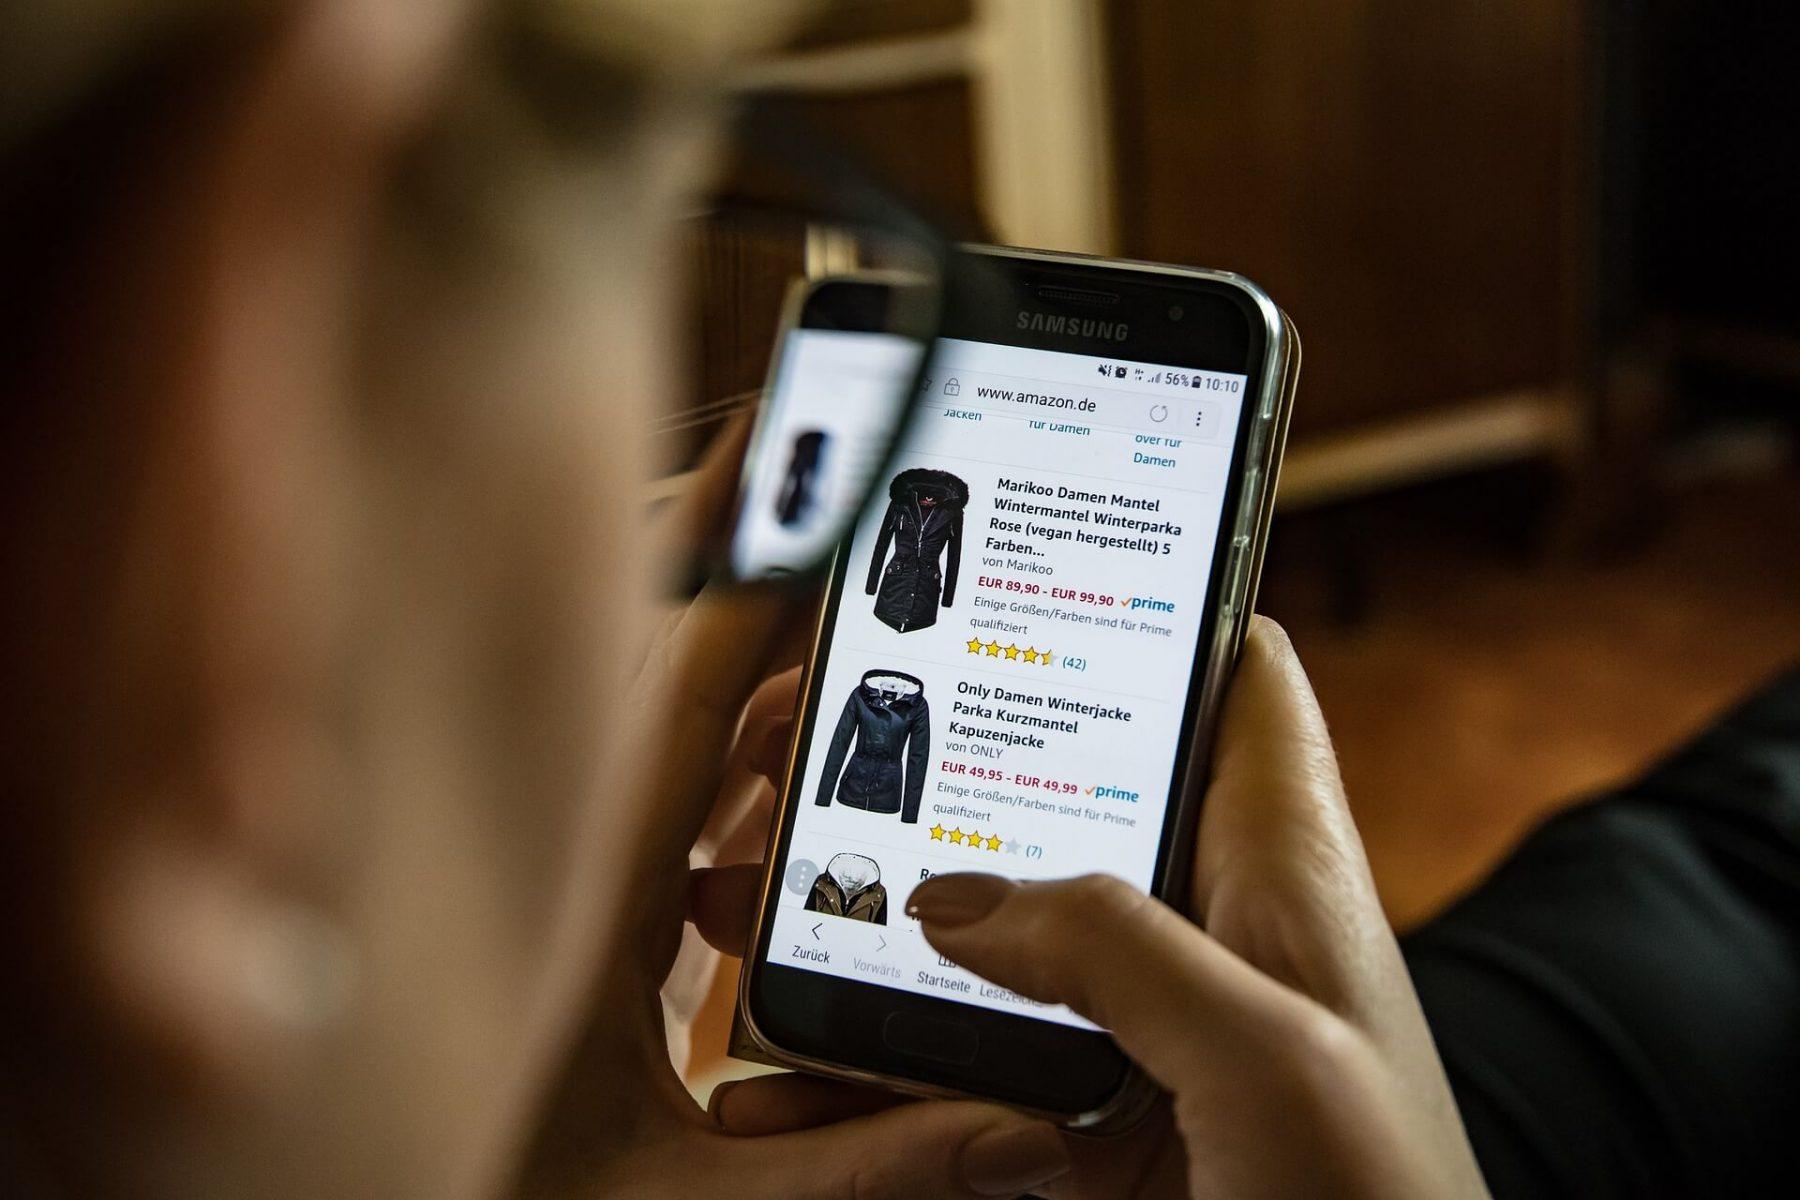 Bán quần áo online